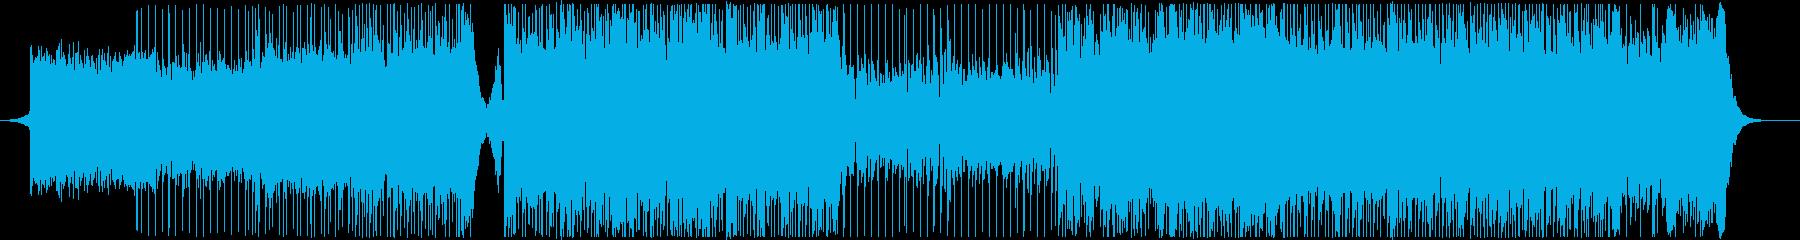 アップテンポ盛り上がるロック-PV演出の再生済みの波形